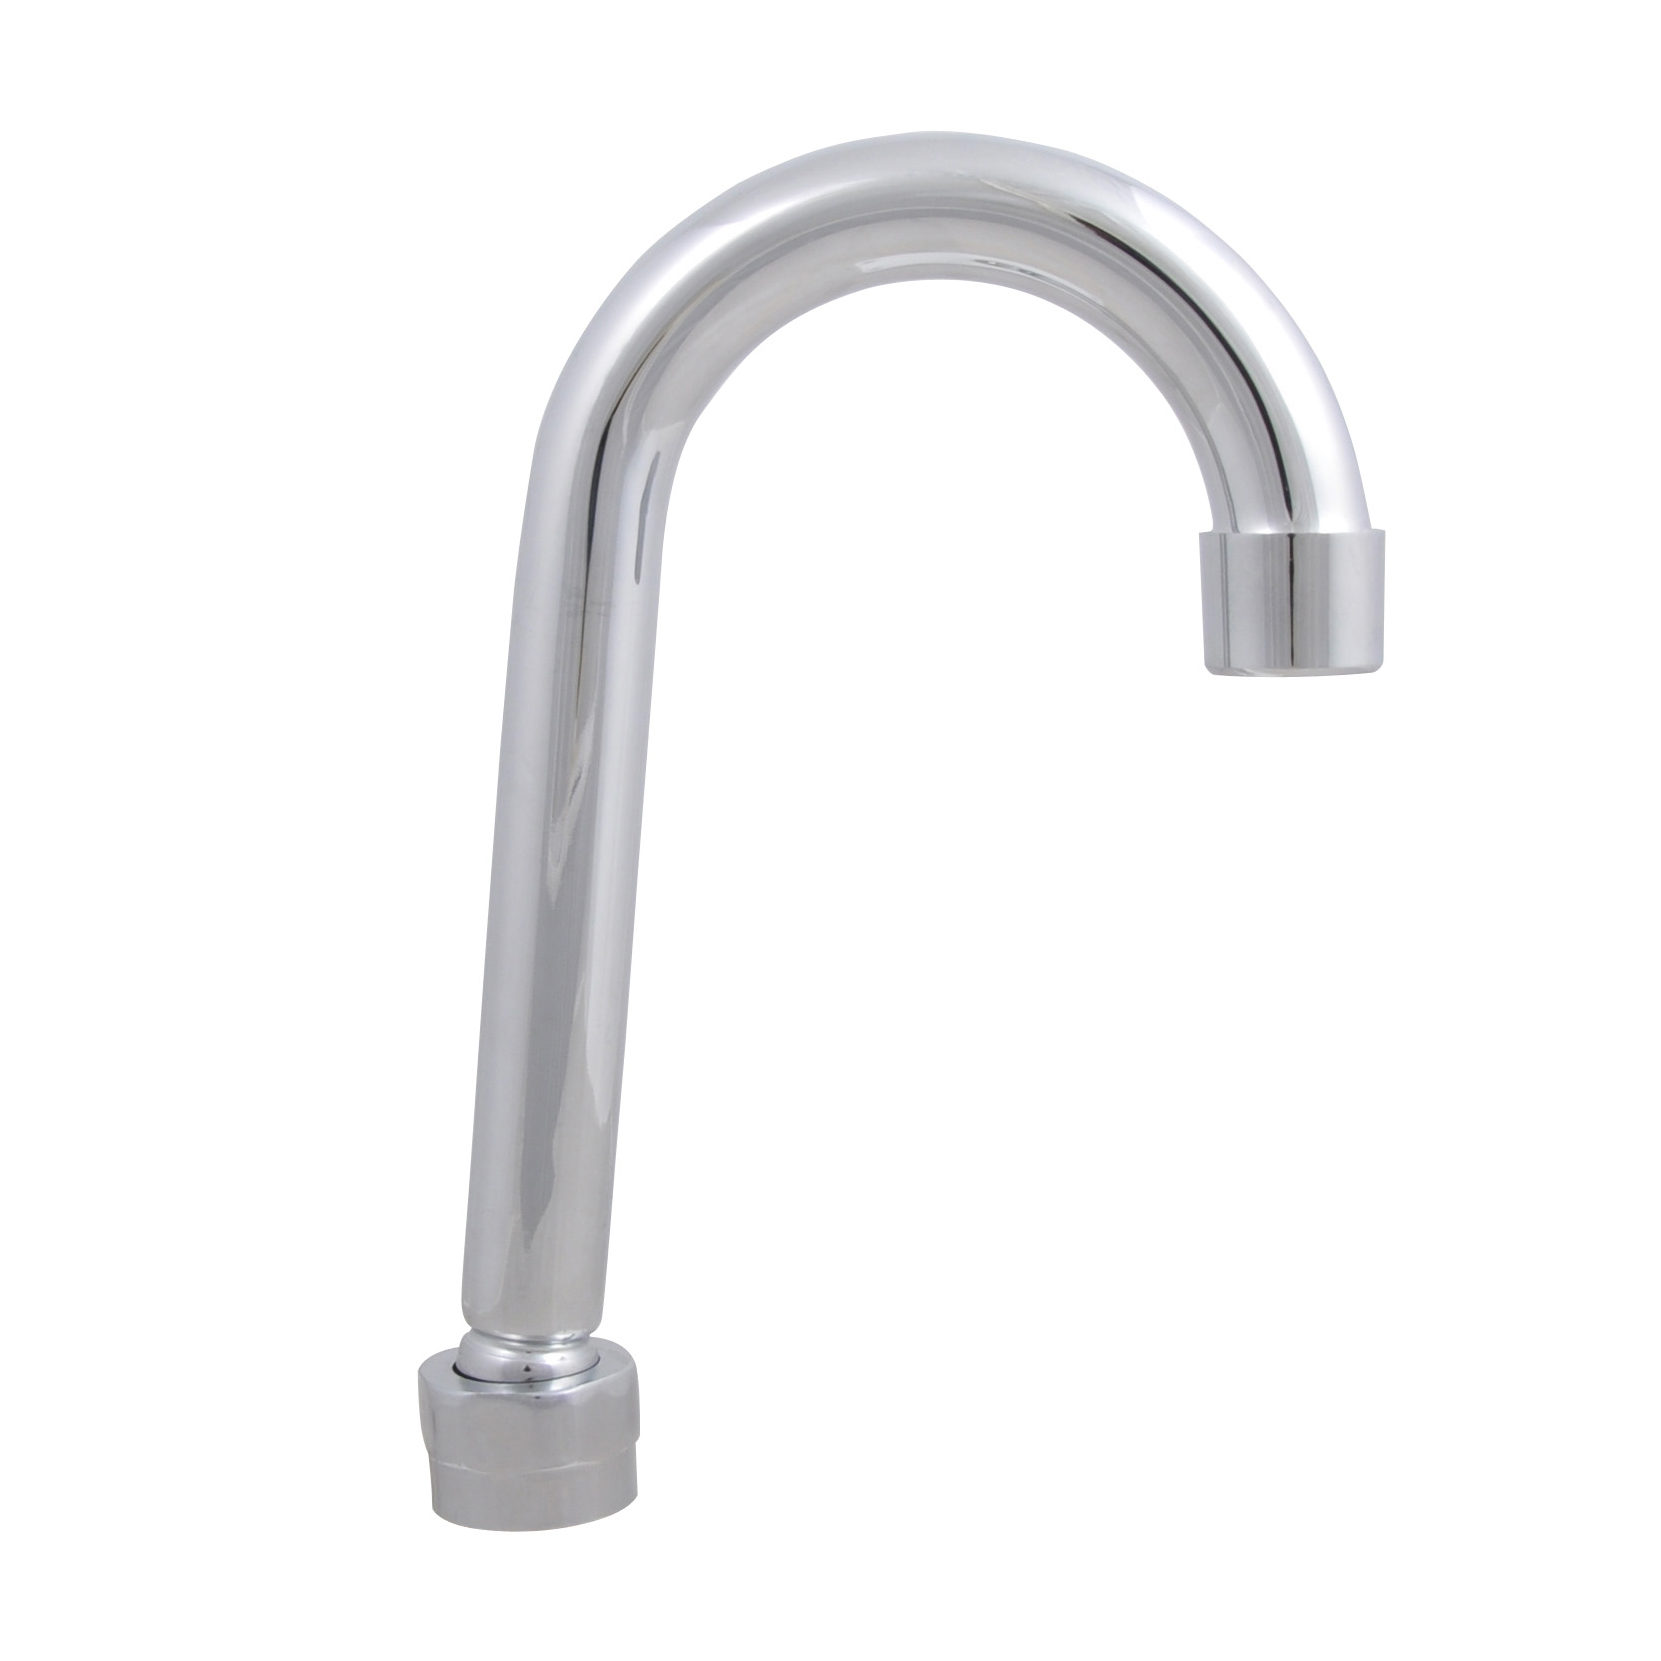 BK Resources BKF-HSPT-3G-G faucet, spout / nozzle